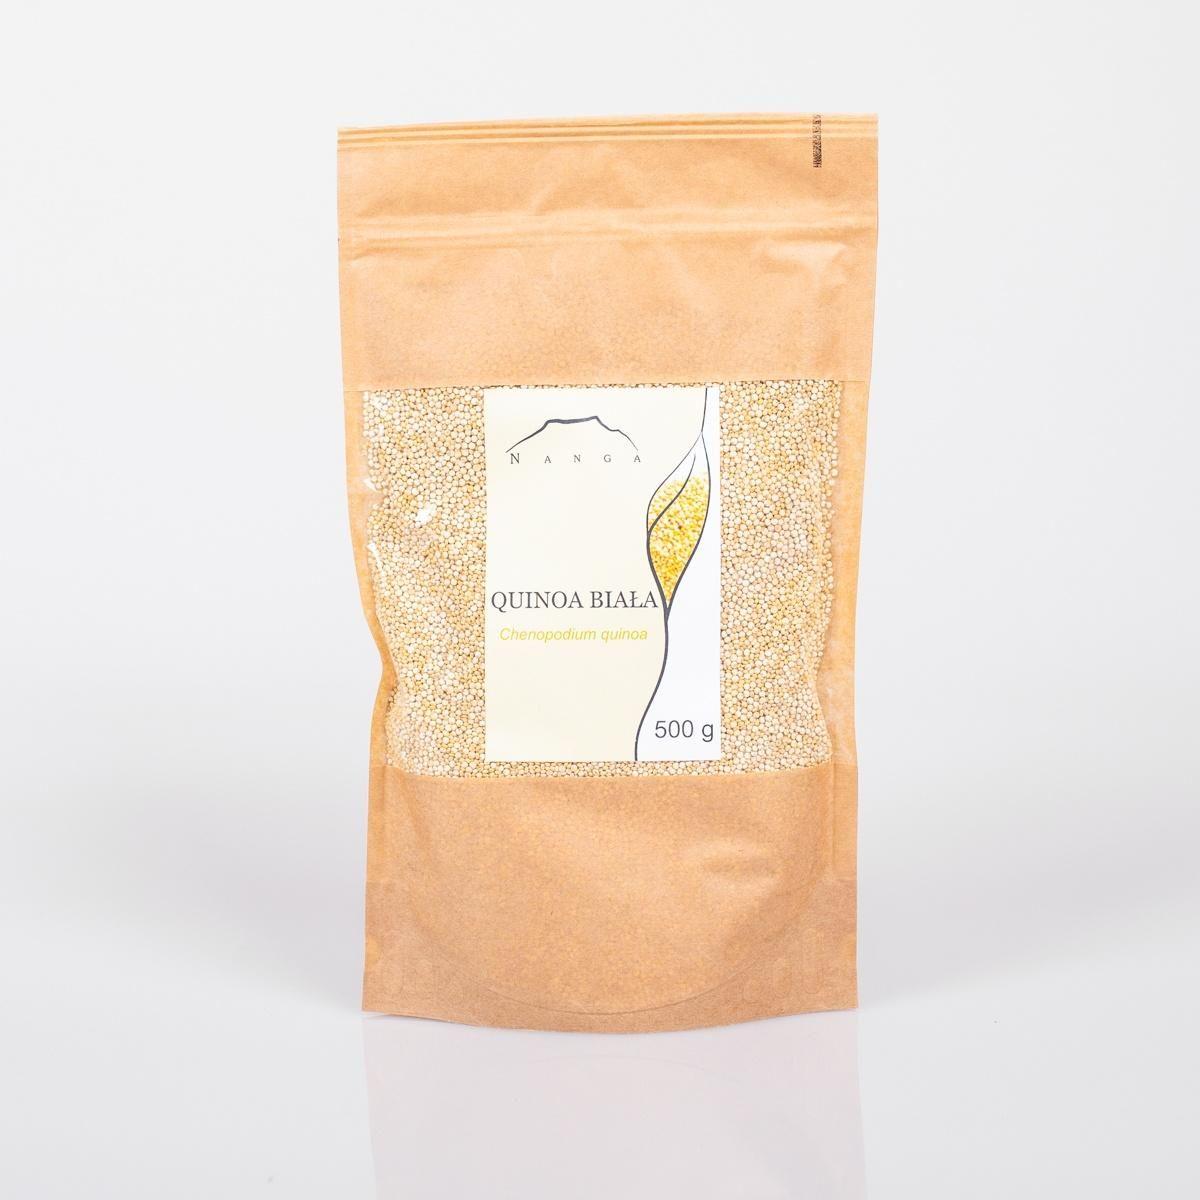 Quinoa biała (komosa ryżowa) Nanga